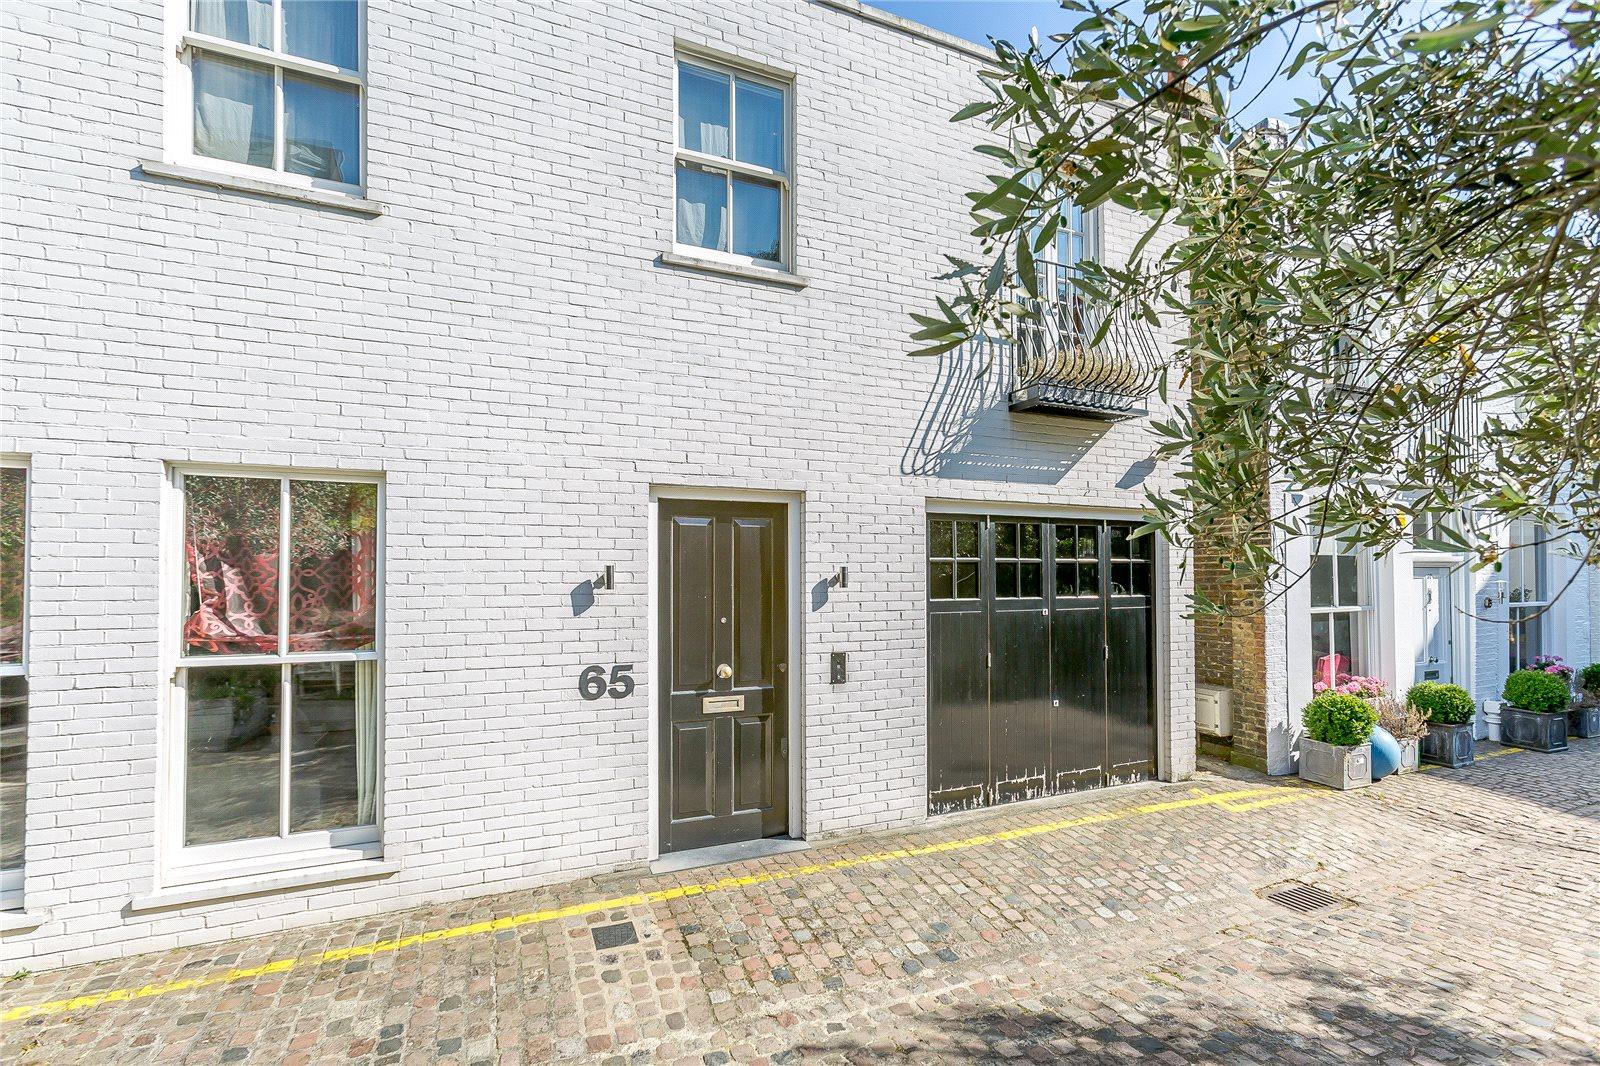 Maison unifamiliale pour l à vendre à sumner place mews south kensington london